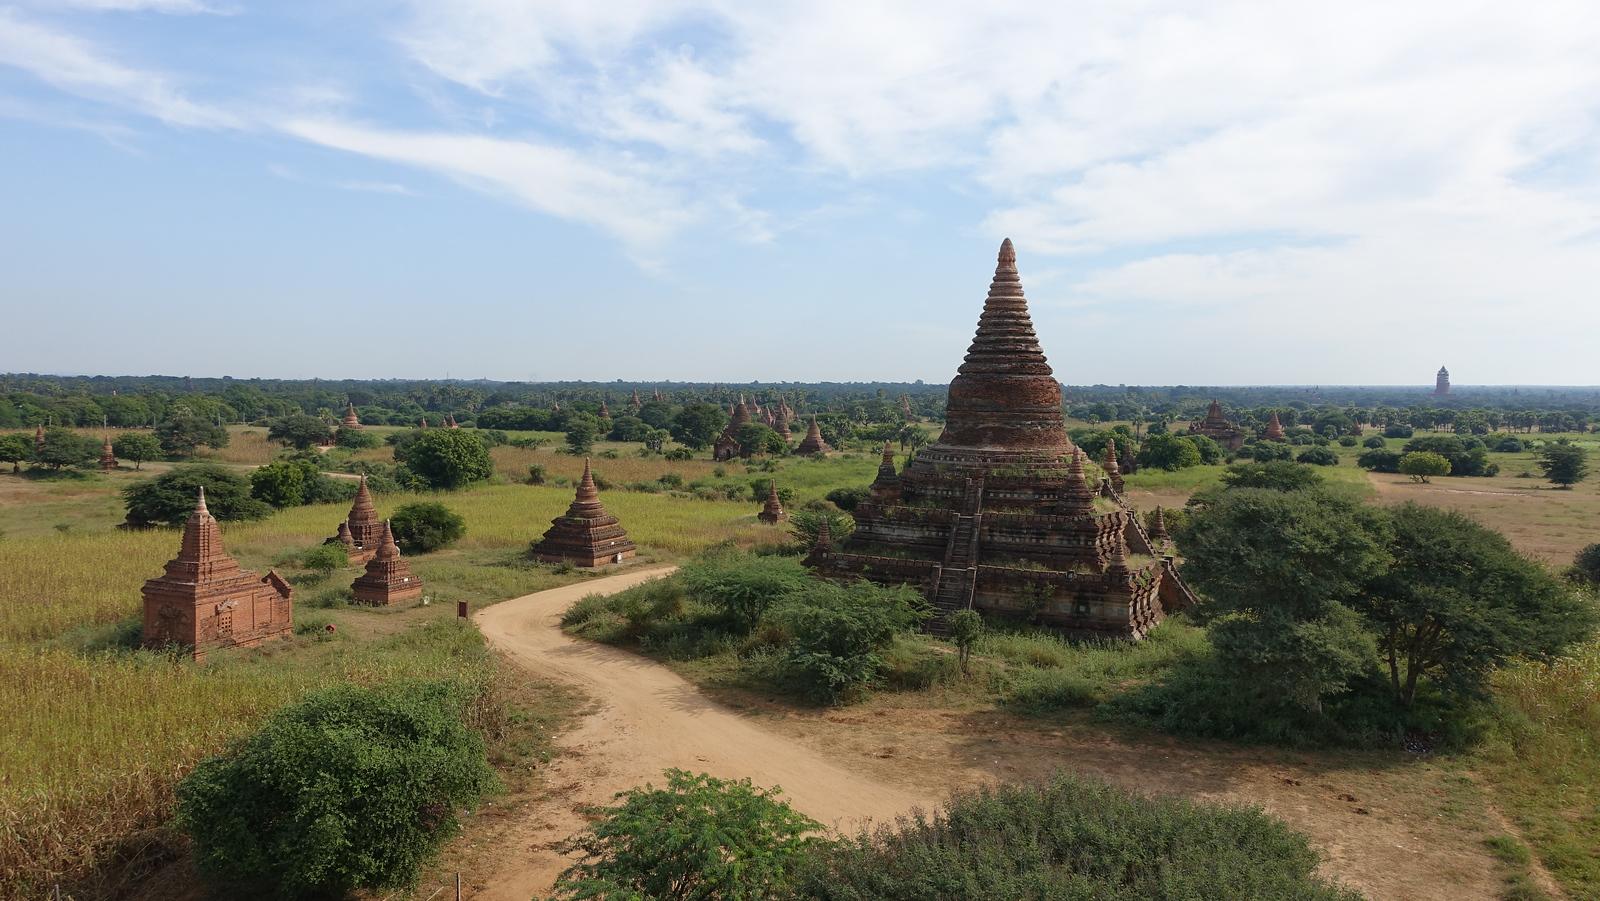 Bagan – Vast Temple Plains